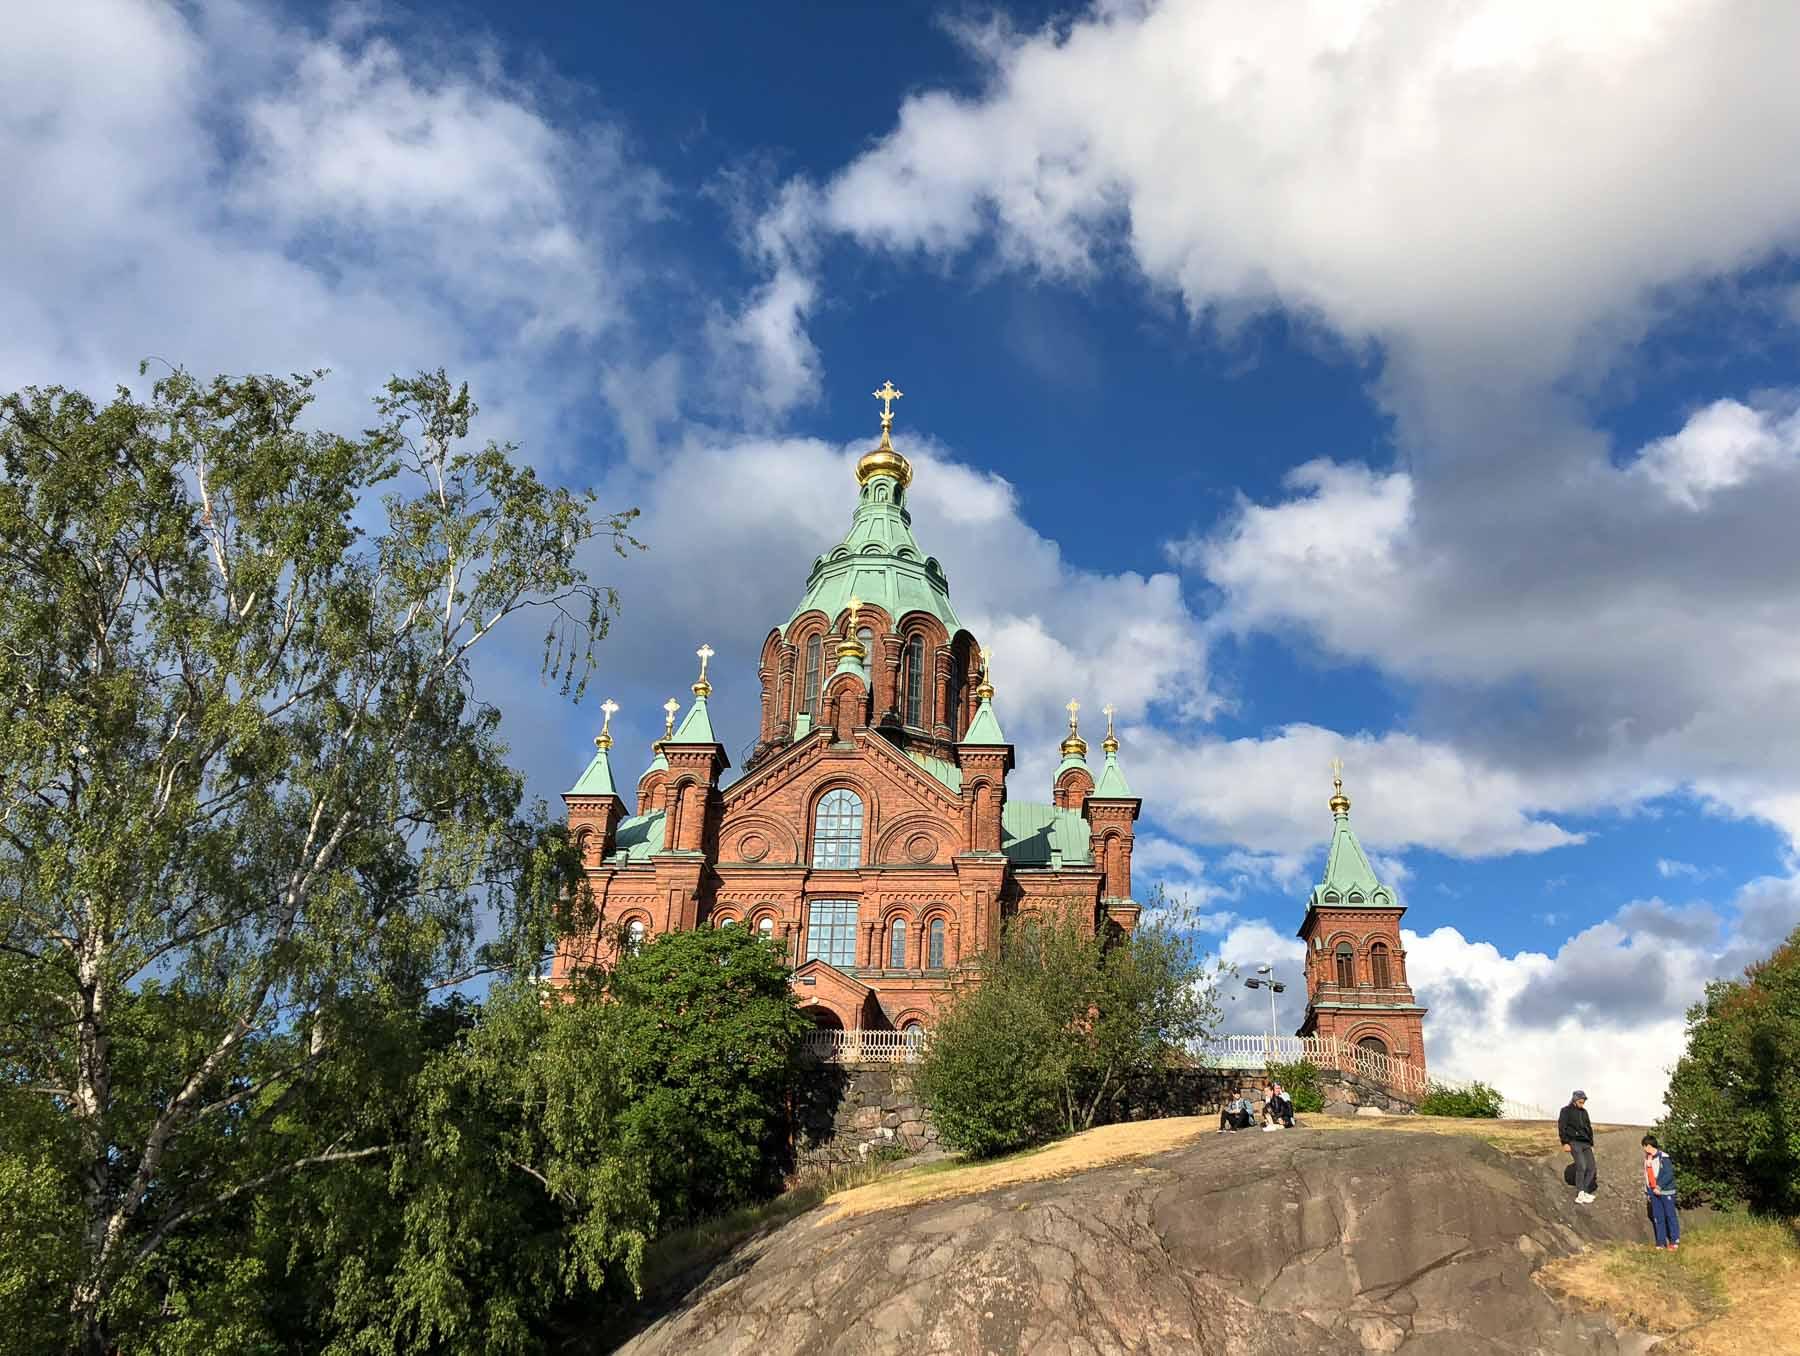 Die orthodoxe Uspenski-Kathedrale liegt im Zentrum Helsinkis